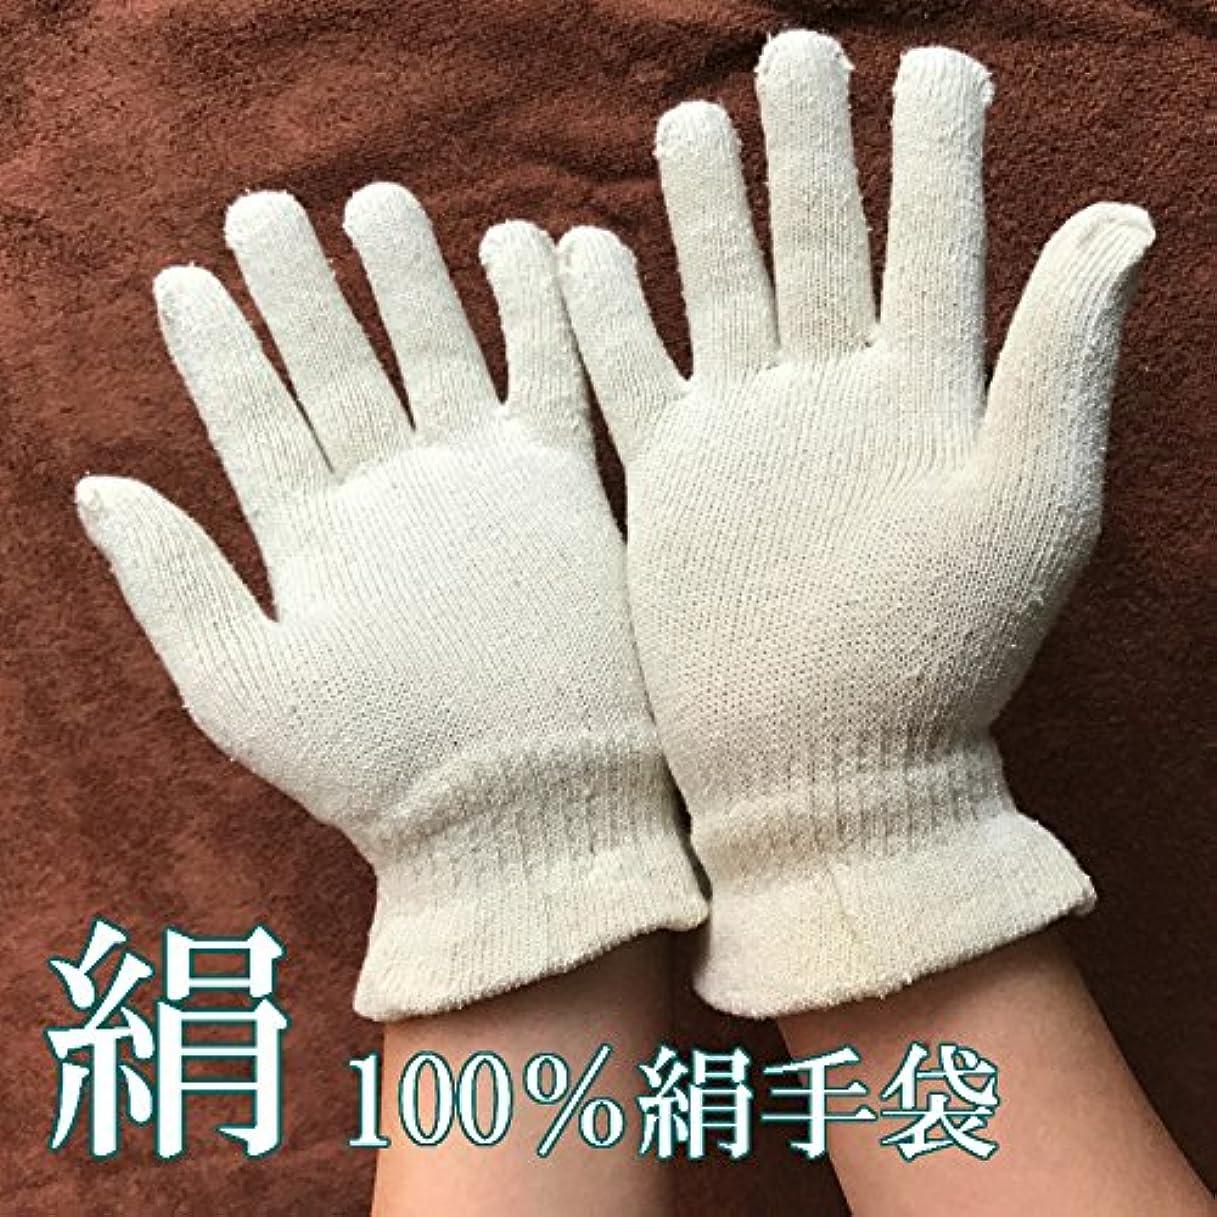 そよ風運河正気絹手袋 シルク手袋 ガルシャナ アーユルヴェーダ